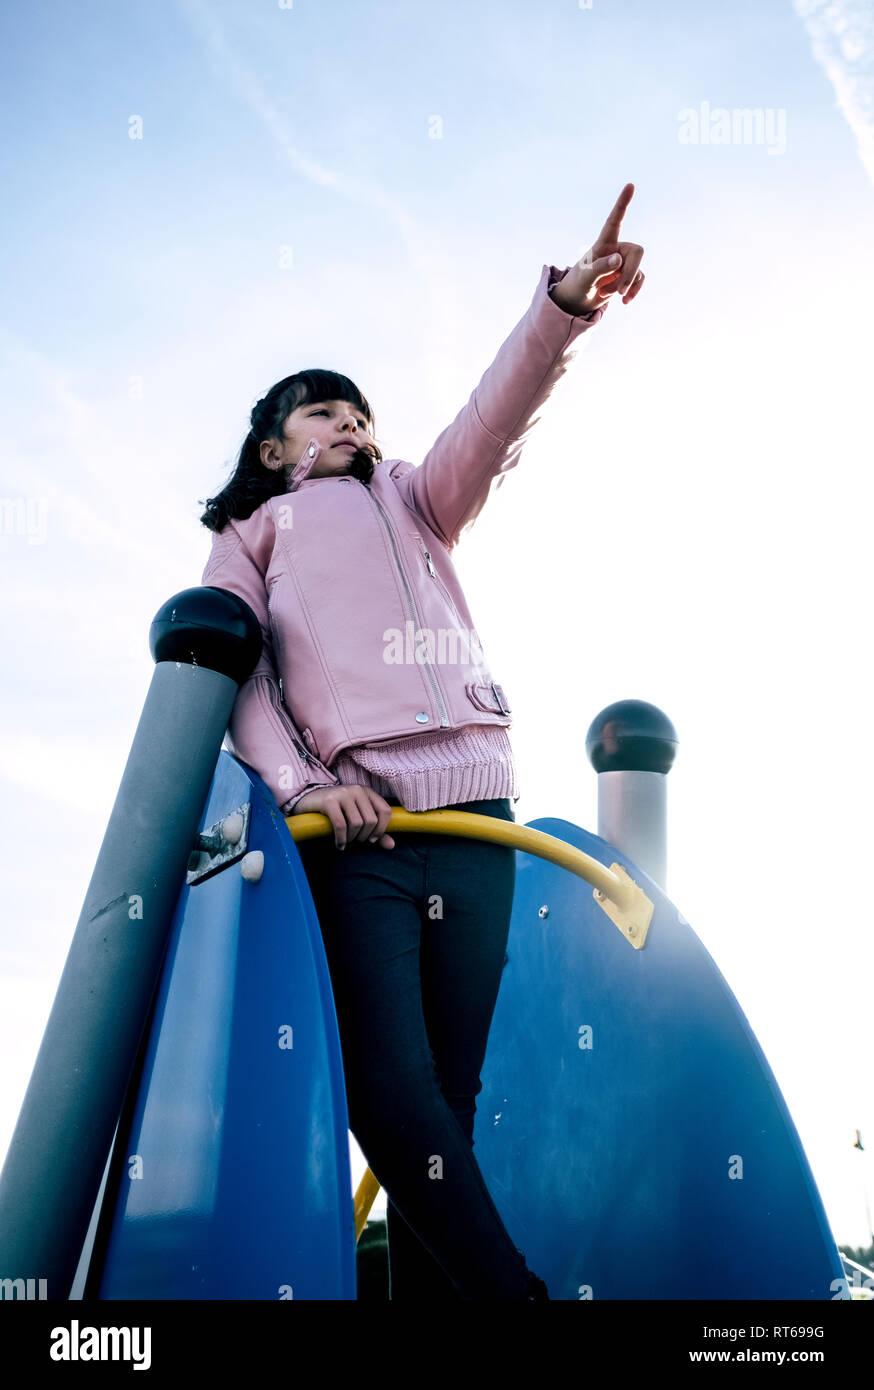 Ragazza di colore rosa da indossare giacca di pelle sul parco giochi puntando su qualcosa a distanza Immagini Stock